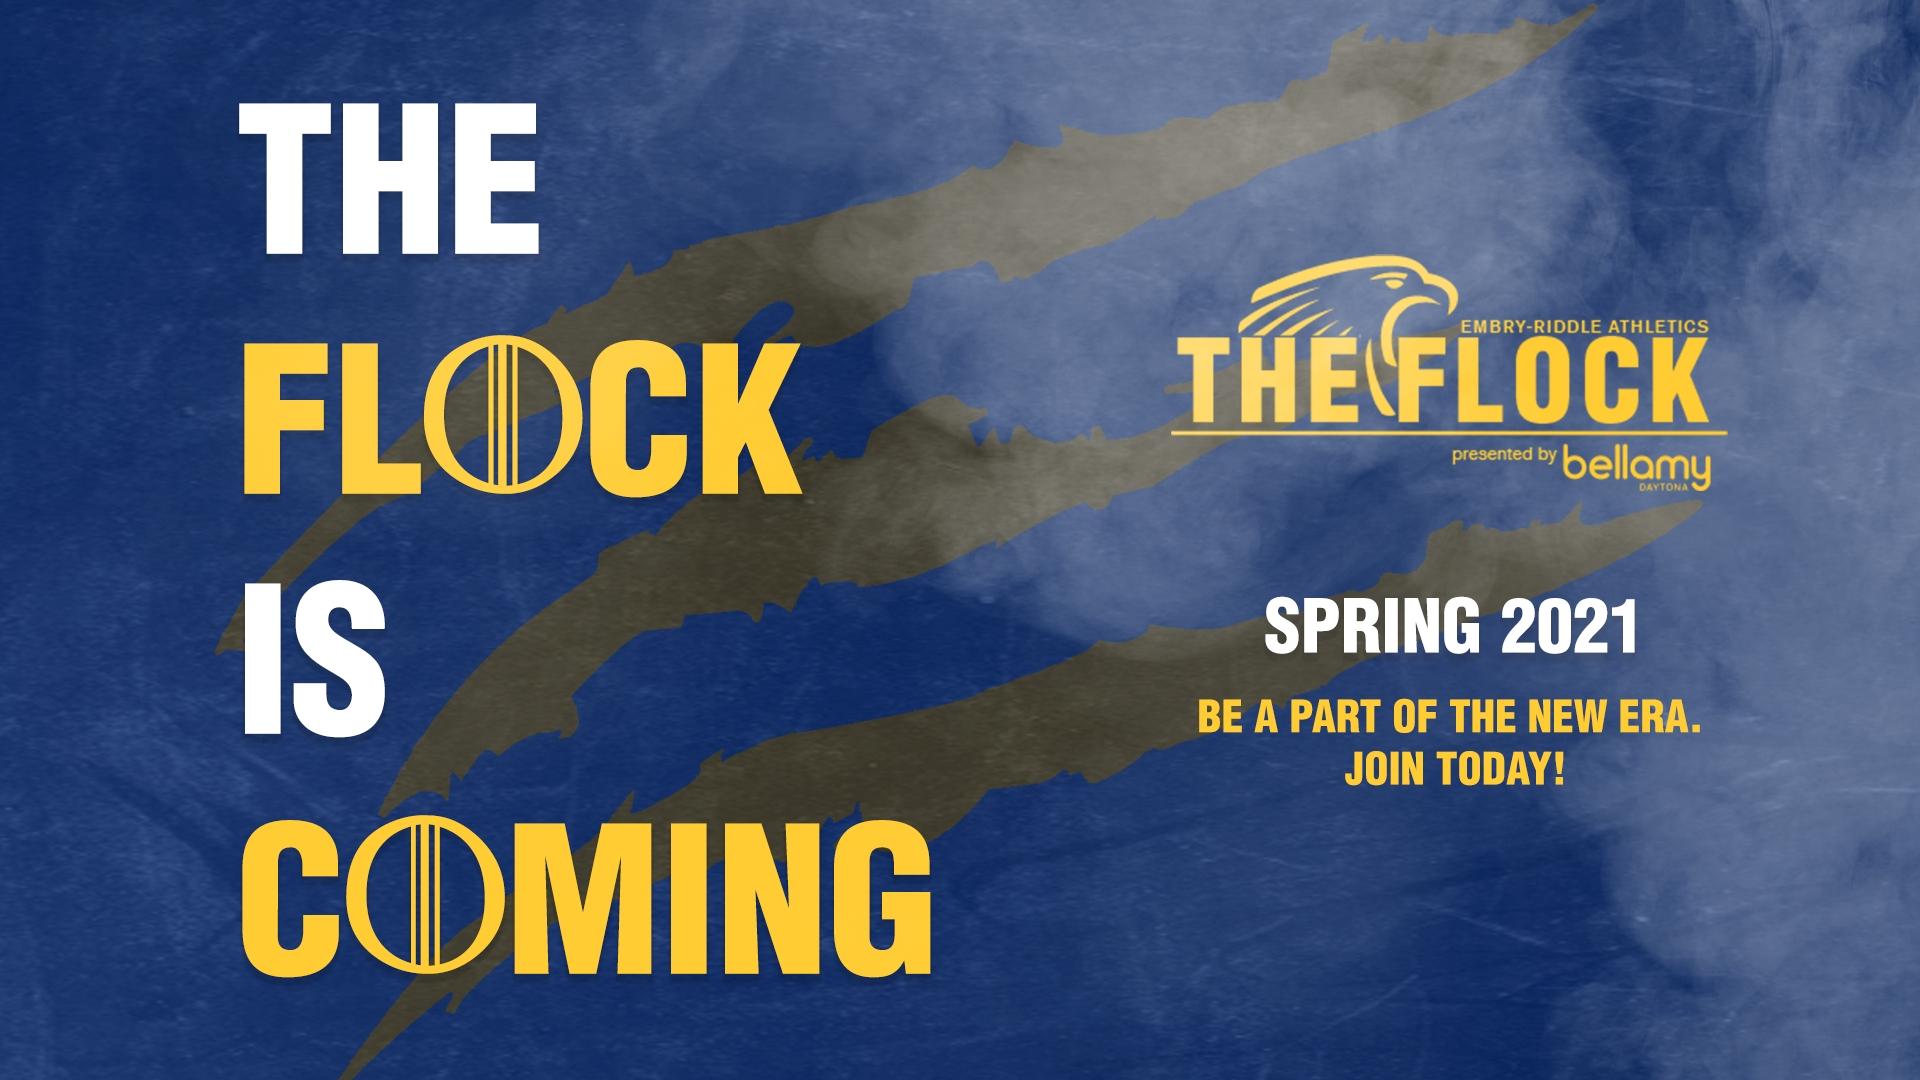 About The Flock - Embry-Riddle Aeronautical University Athletics